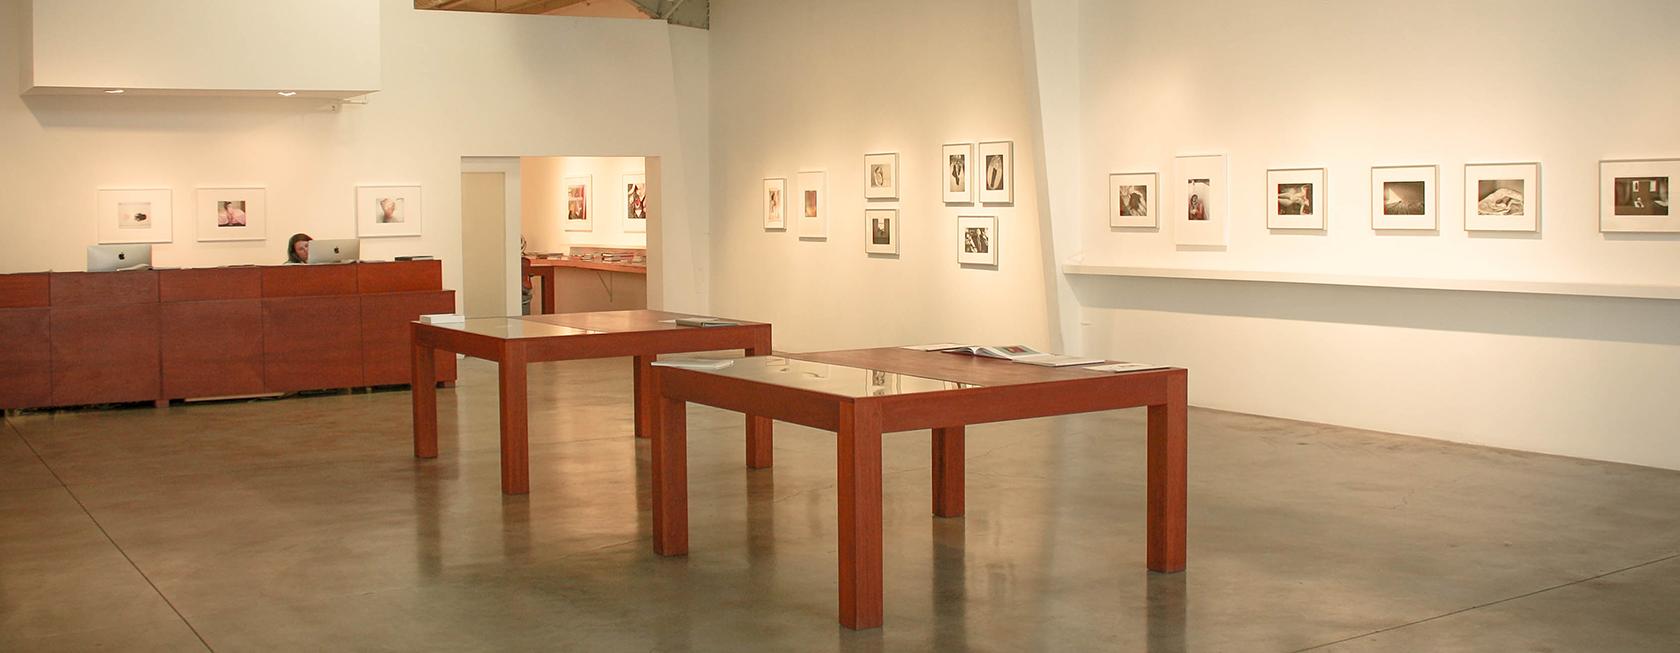 Slide of an Art Gallery in Bergamot Station